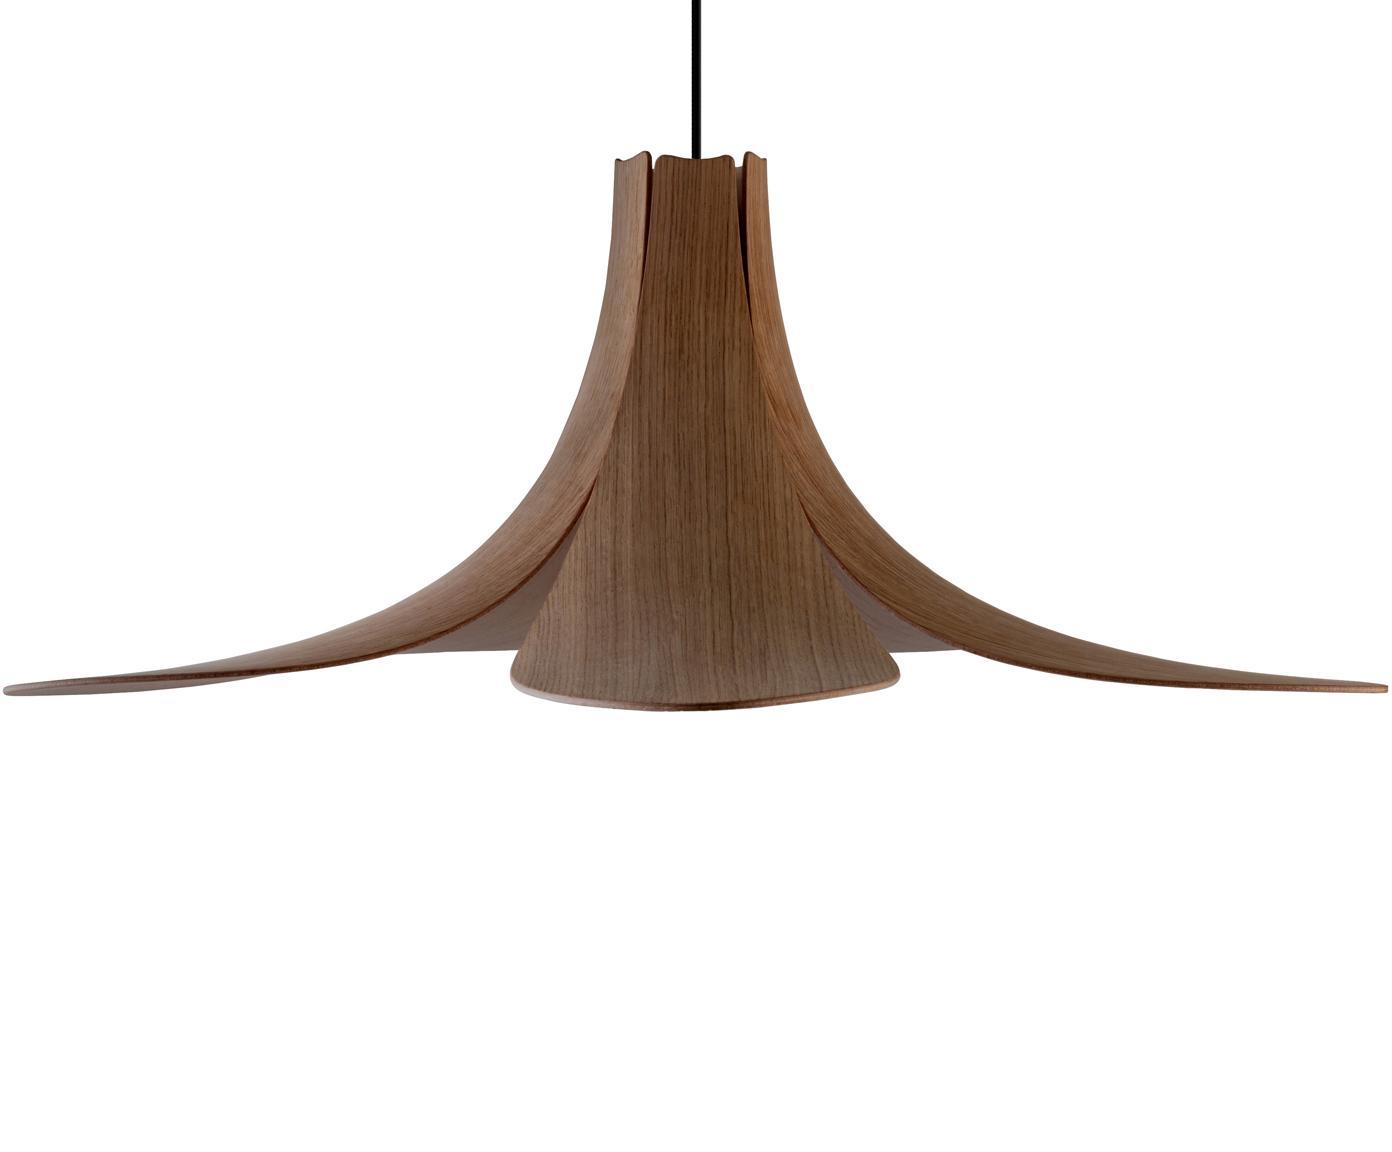 Lámpara de techo en roble Jazz, Pantalla: chapa de roble, Anclaje: metal pintado, Cable: cubierto en tela, Roble oscuro, negro, Ø 65 x Al 24 cm